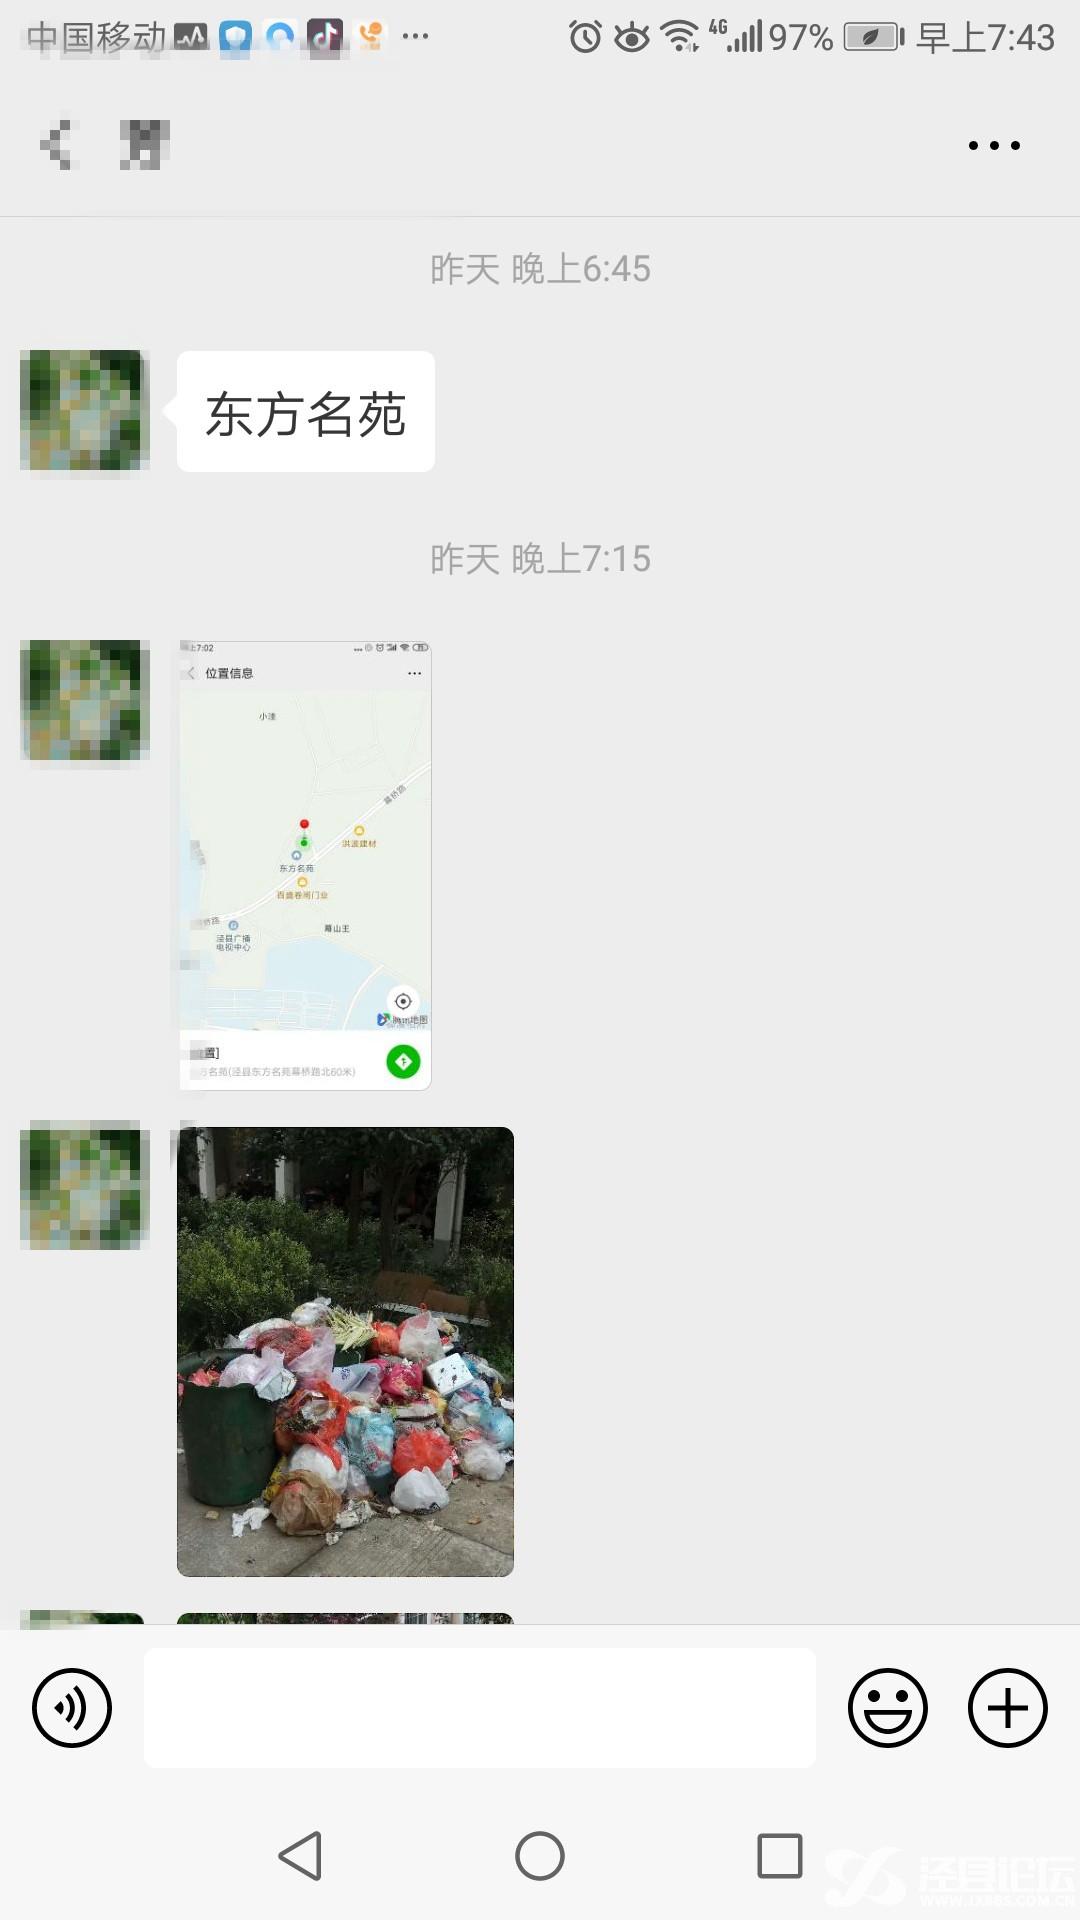 Screenshot_20190415-074329.jpg